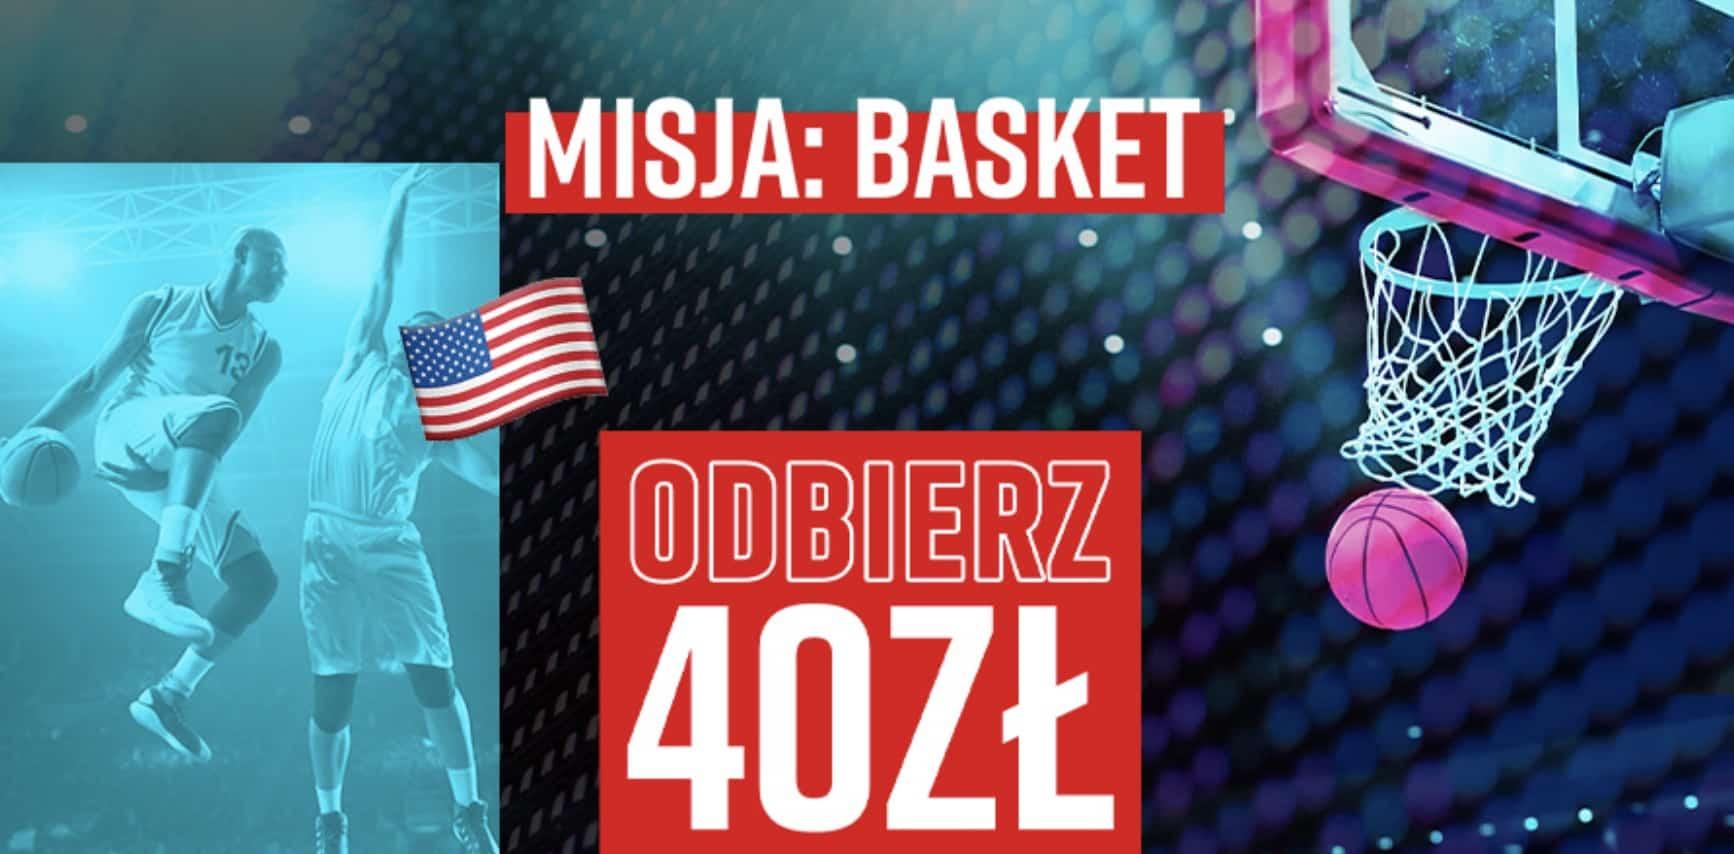 """Photo of Bonus 40 PLN na NBA w Betclic Polska. Przedstawiamy promocję """"Misja: Basket""""!"""